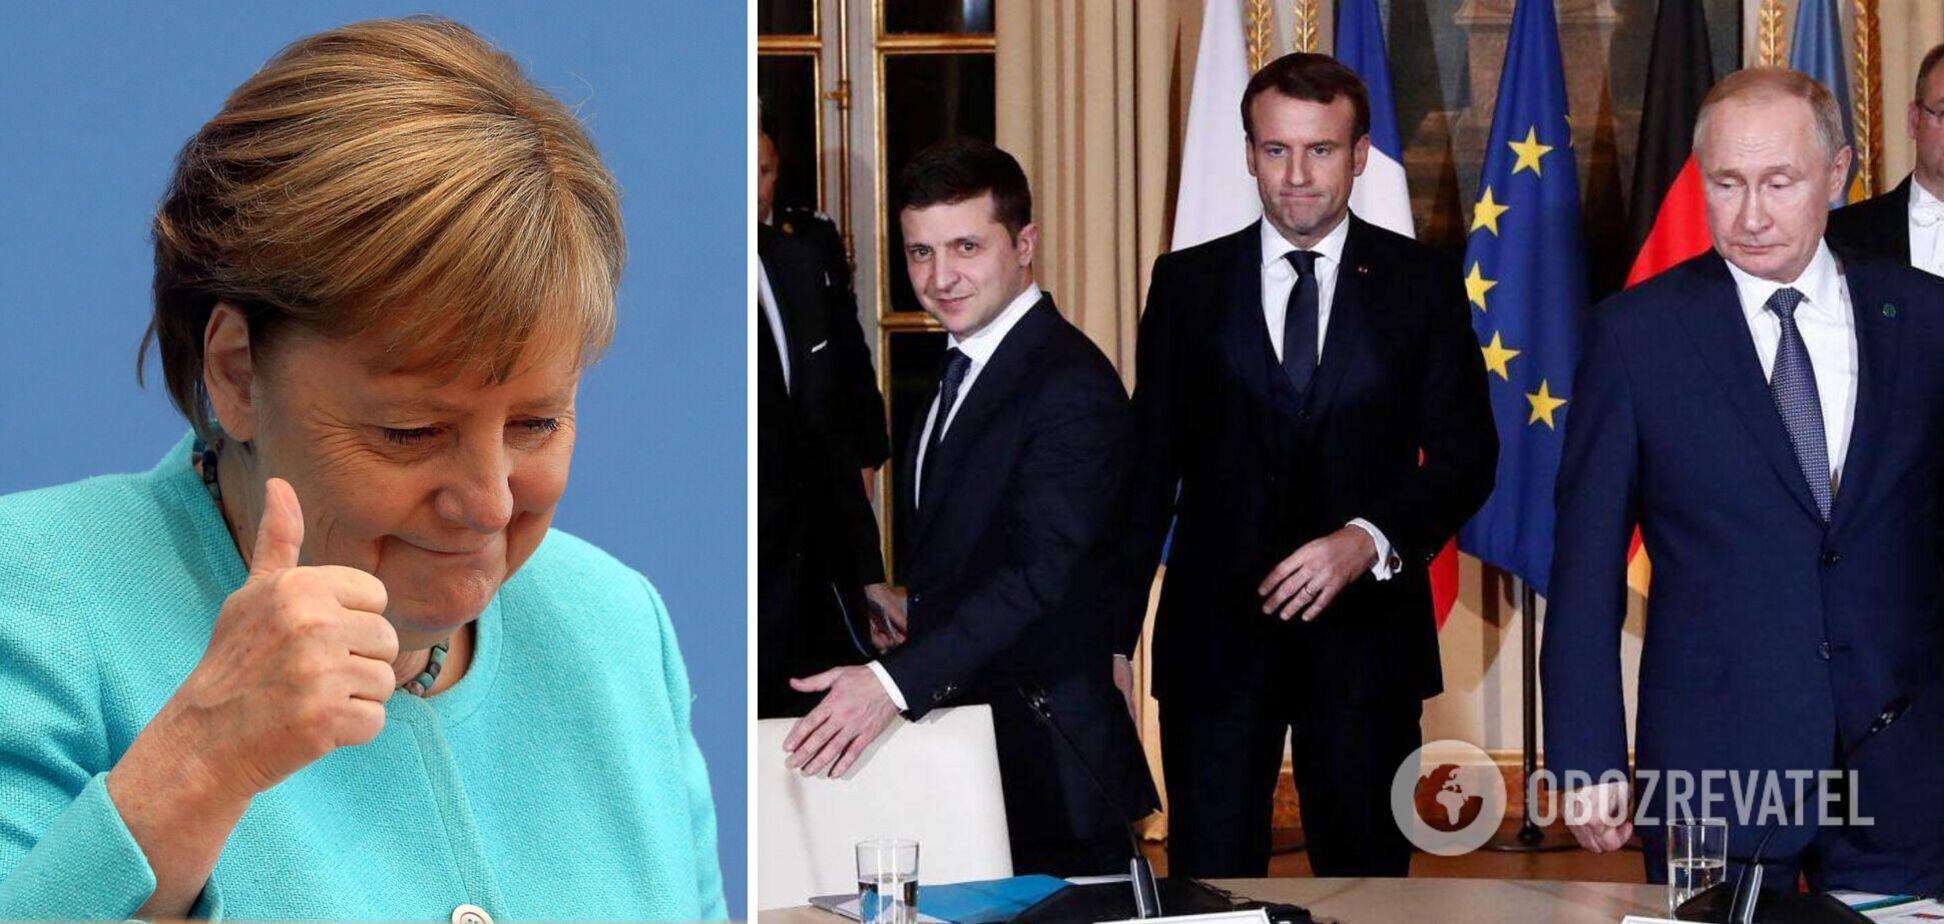 Меркель до конца каденции хочет организовать встречу 'нормандской четверки': выяснились подробности